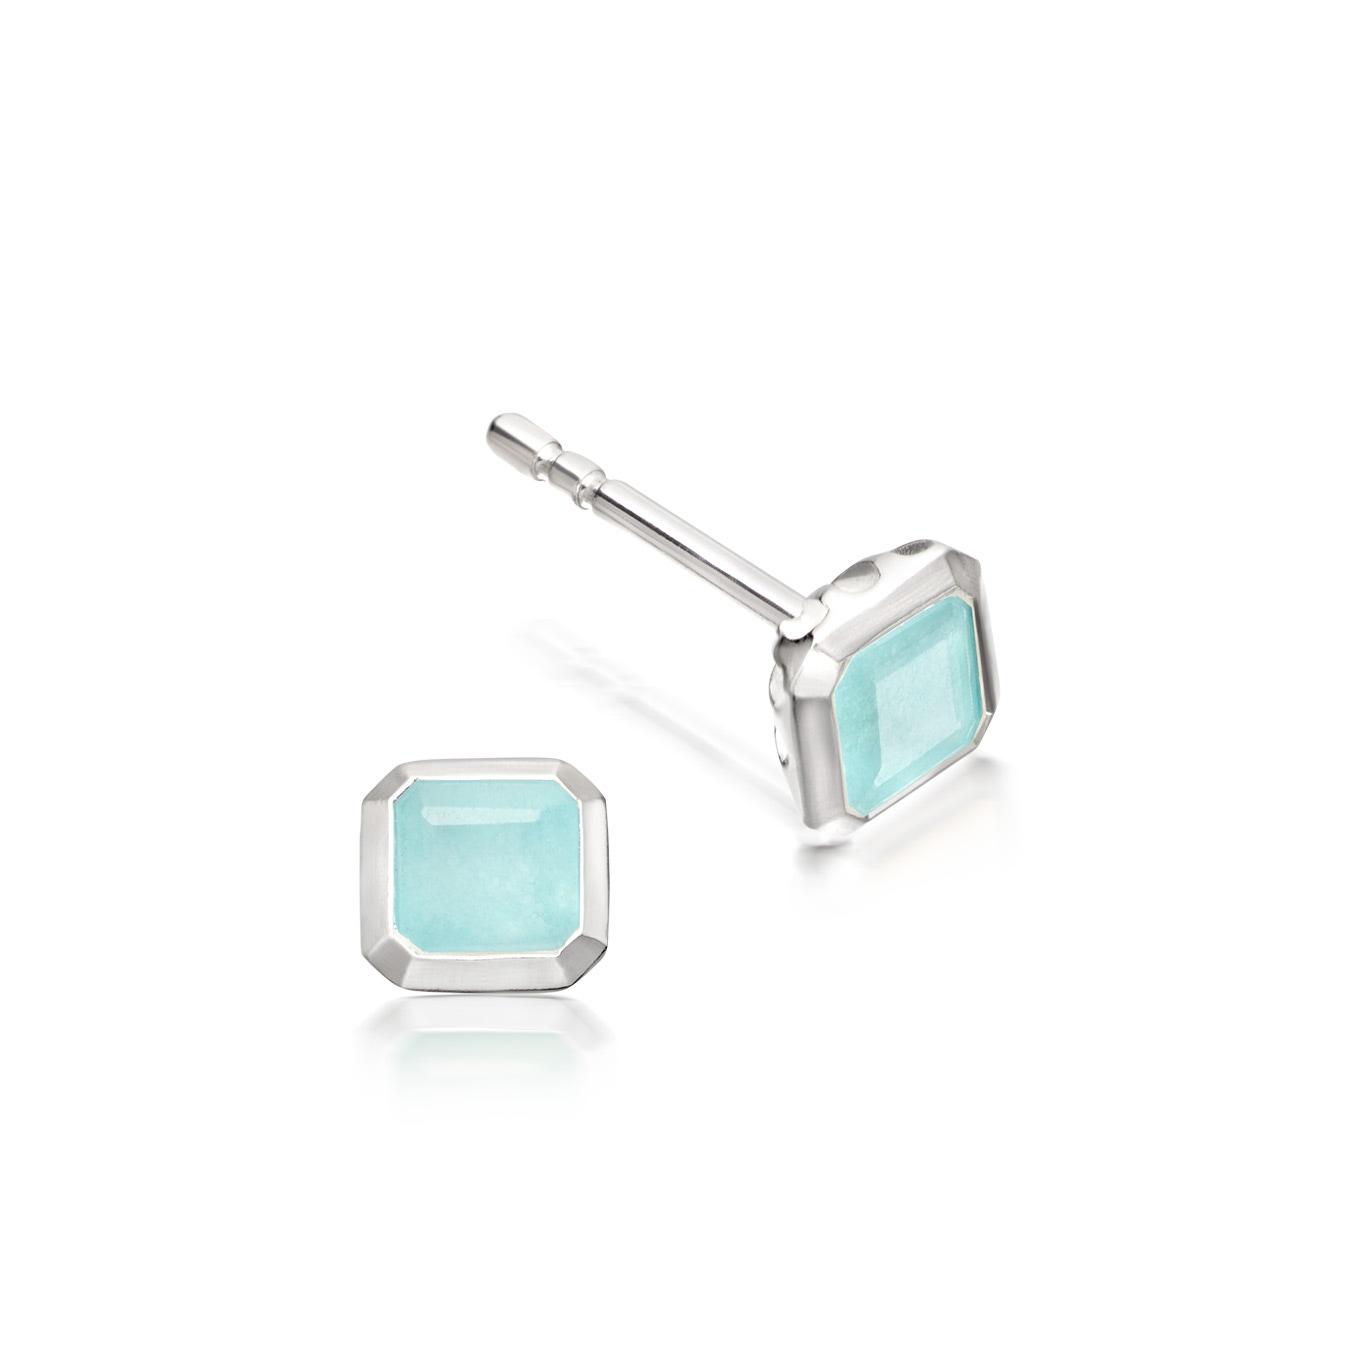 Aqua Quartz Square Prismic Stud Earrings